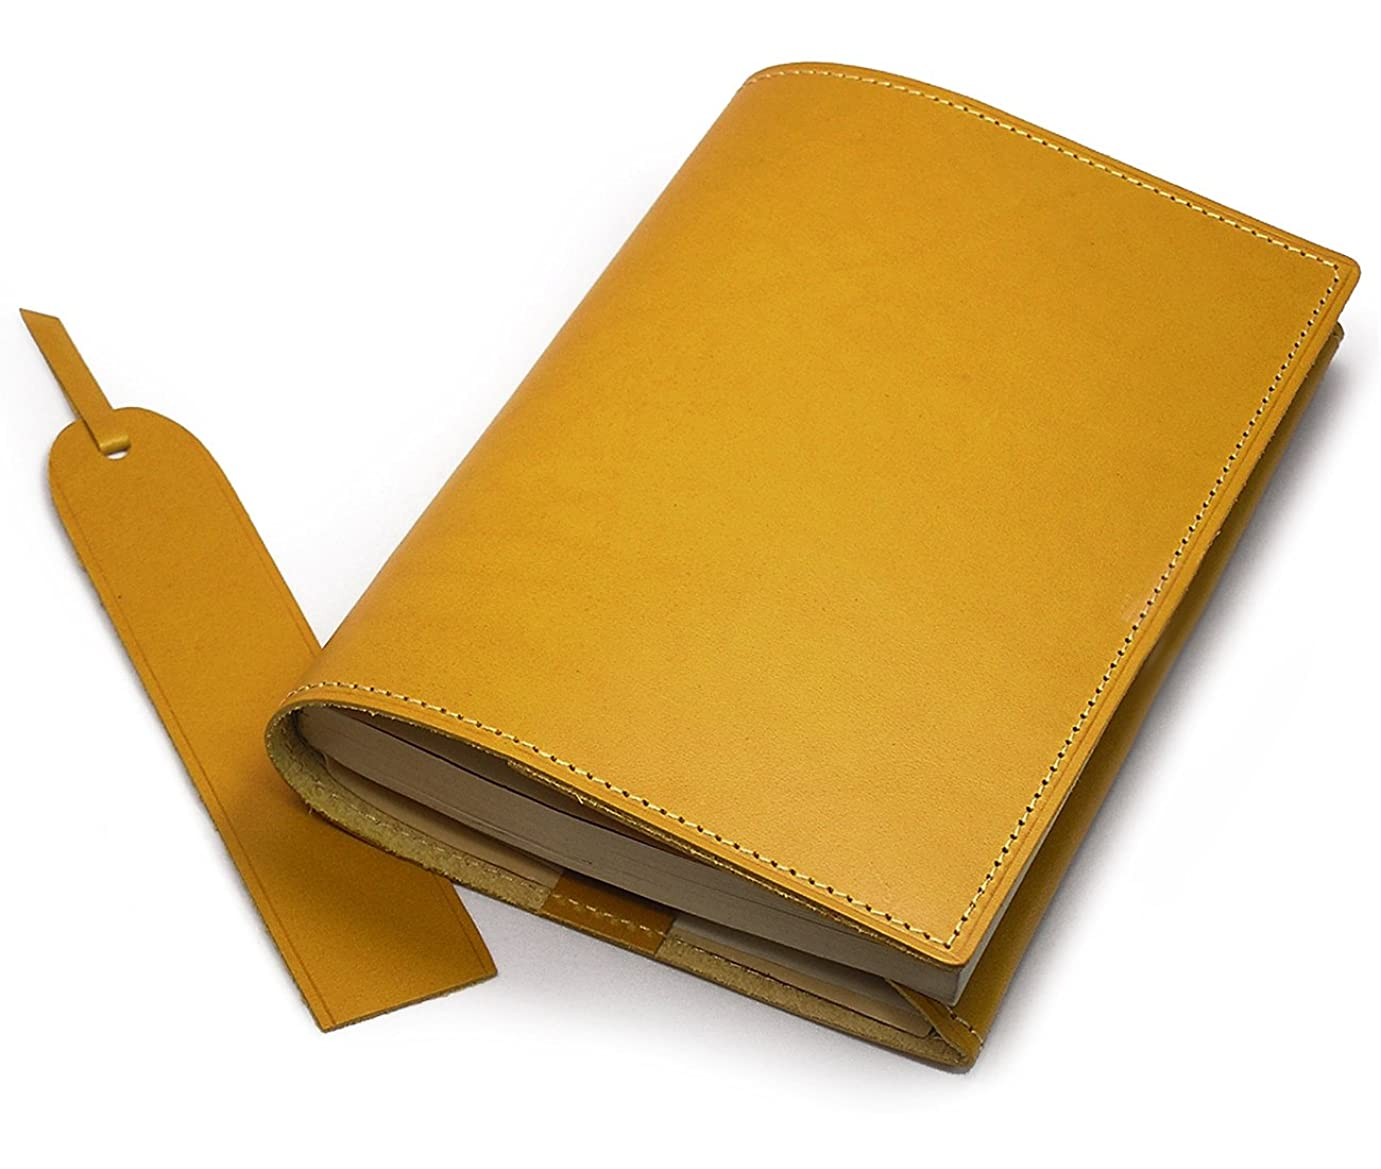 環境罹患率バングラデシュアクュード Cookday 本革 ブックカバー(文庫本サイズ)ブッテーロ革 マスタード CC-2